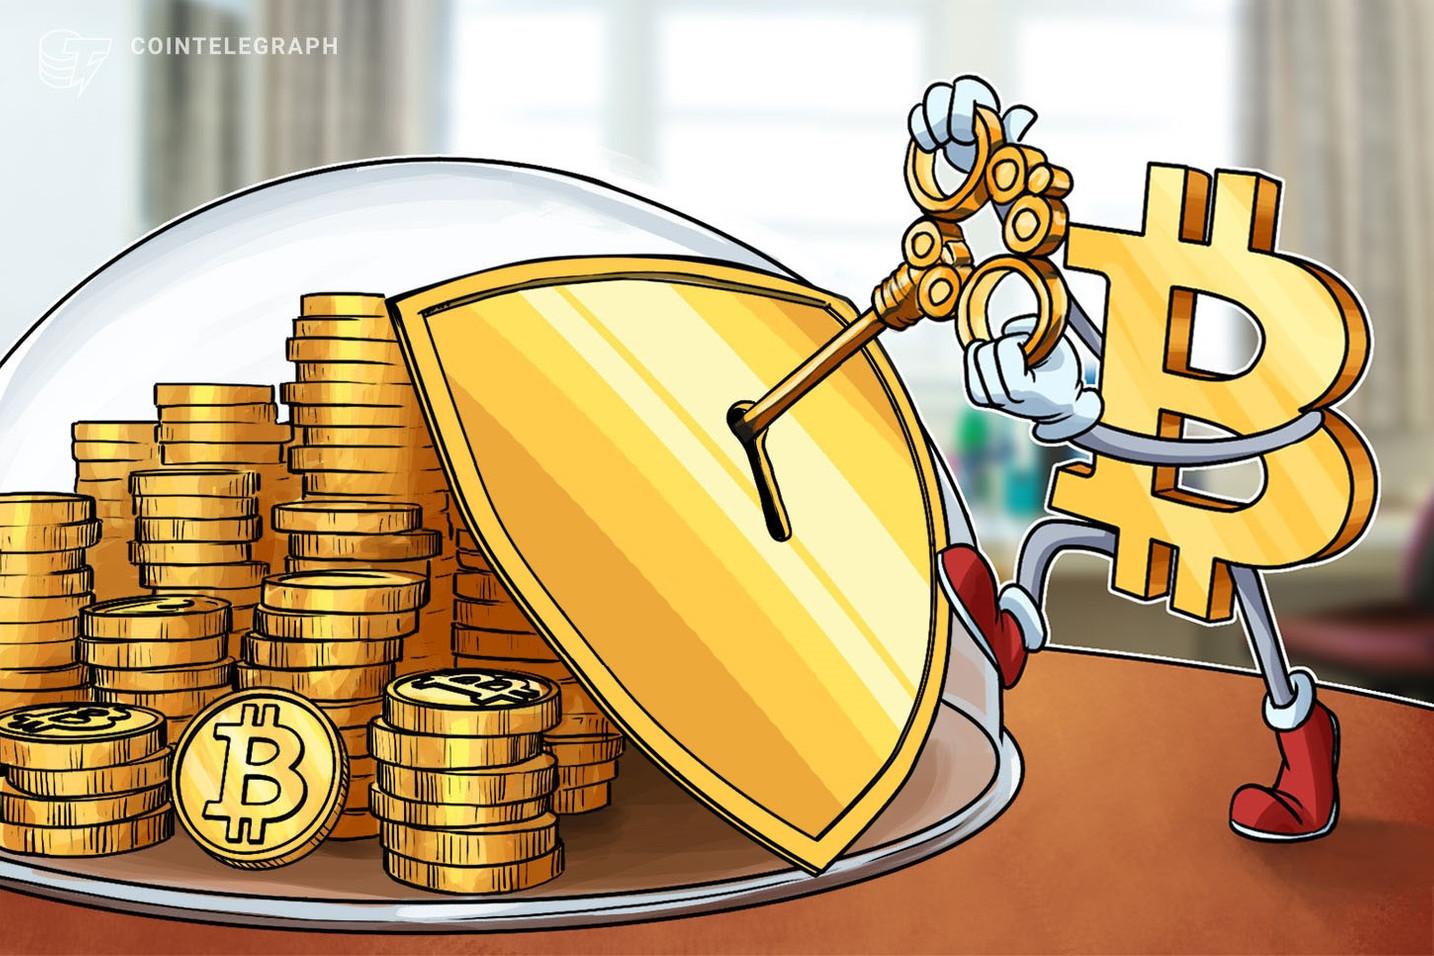 Auto-custodia segura de Bitcoin: Equilibrando la seguridad y facilidad de uso